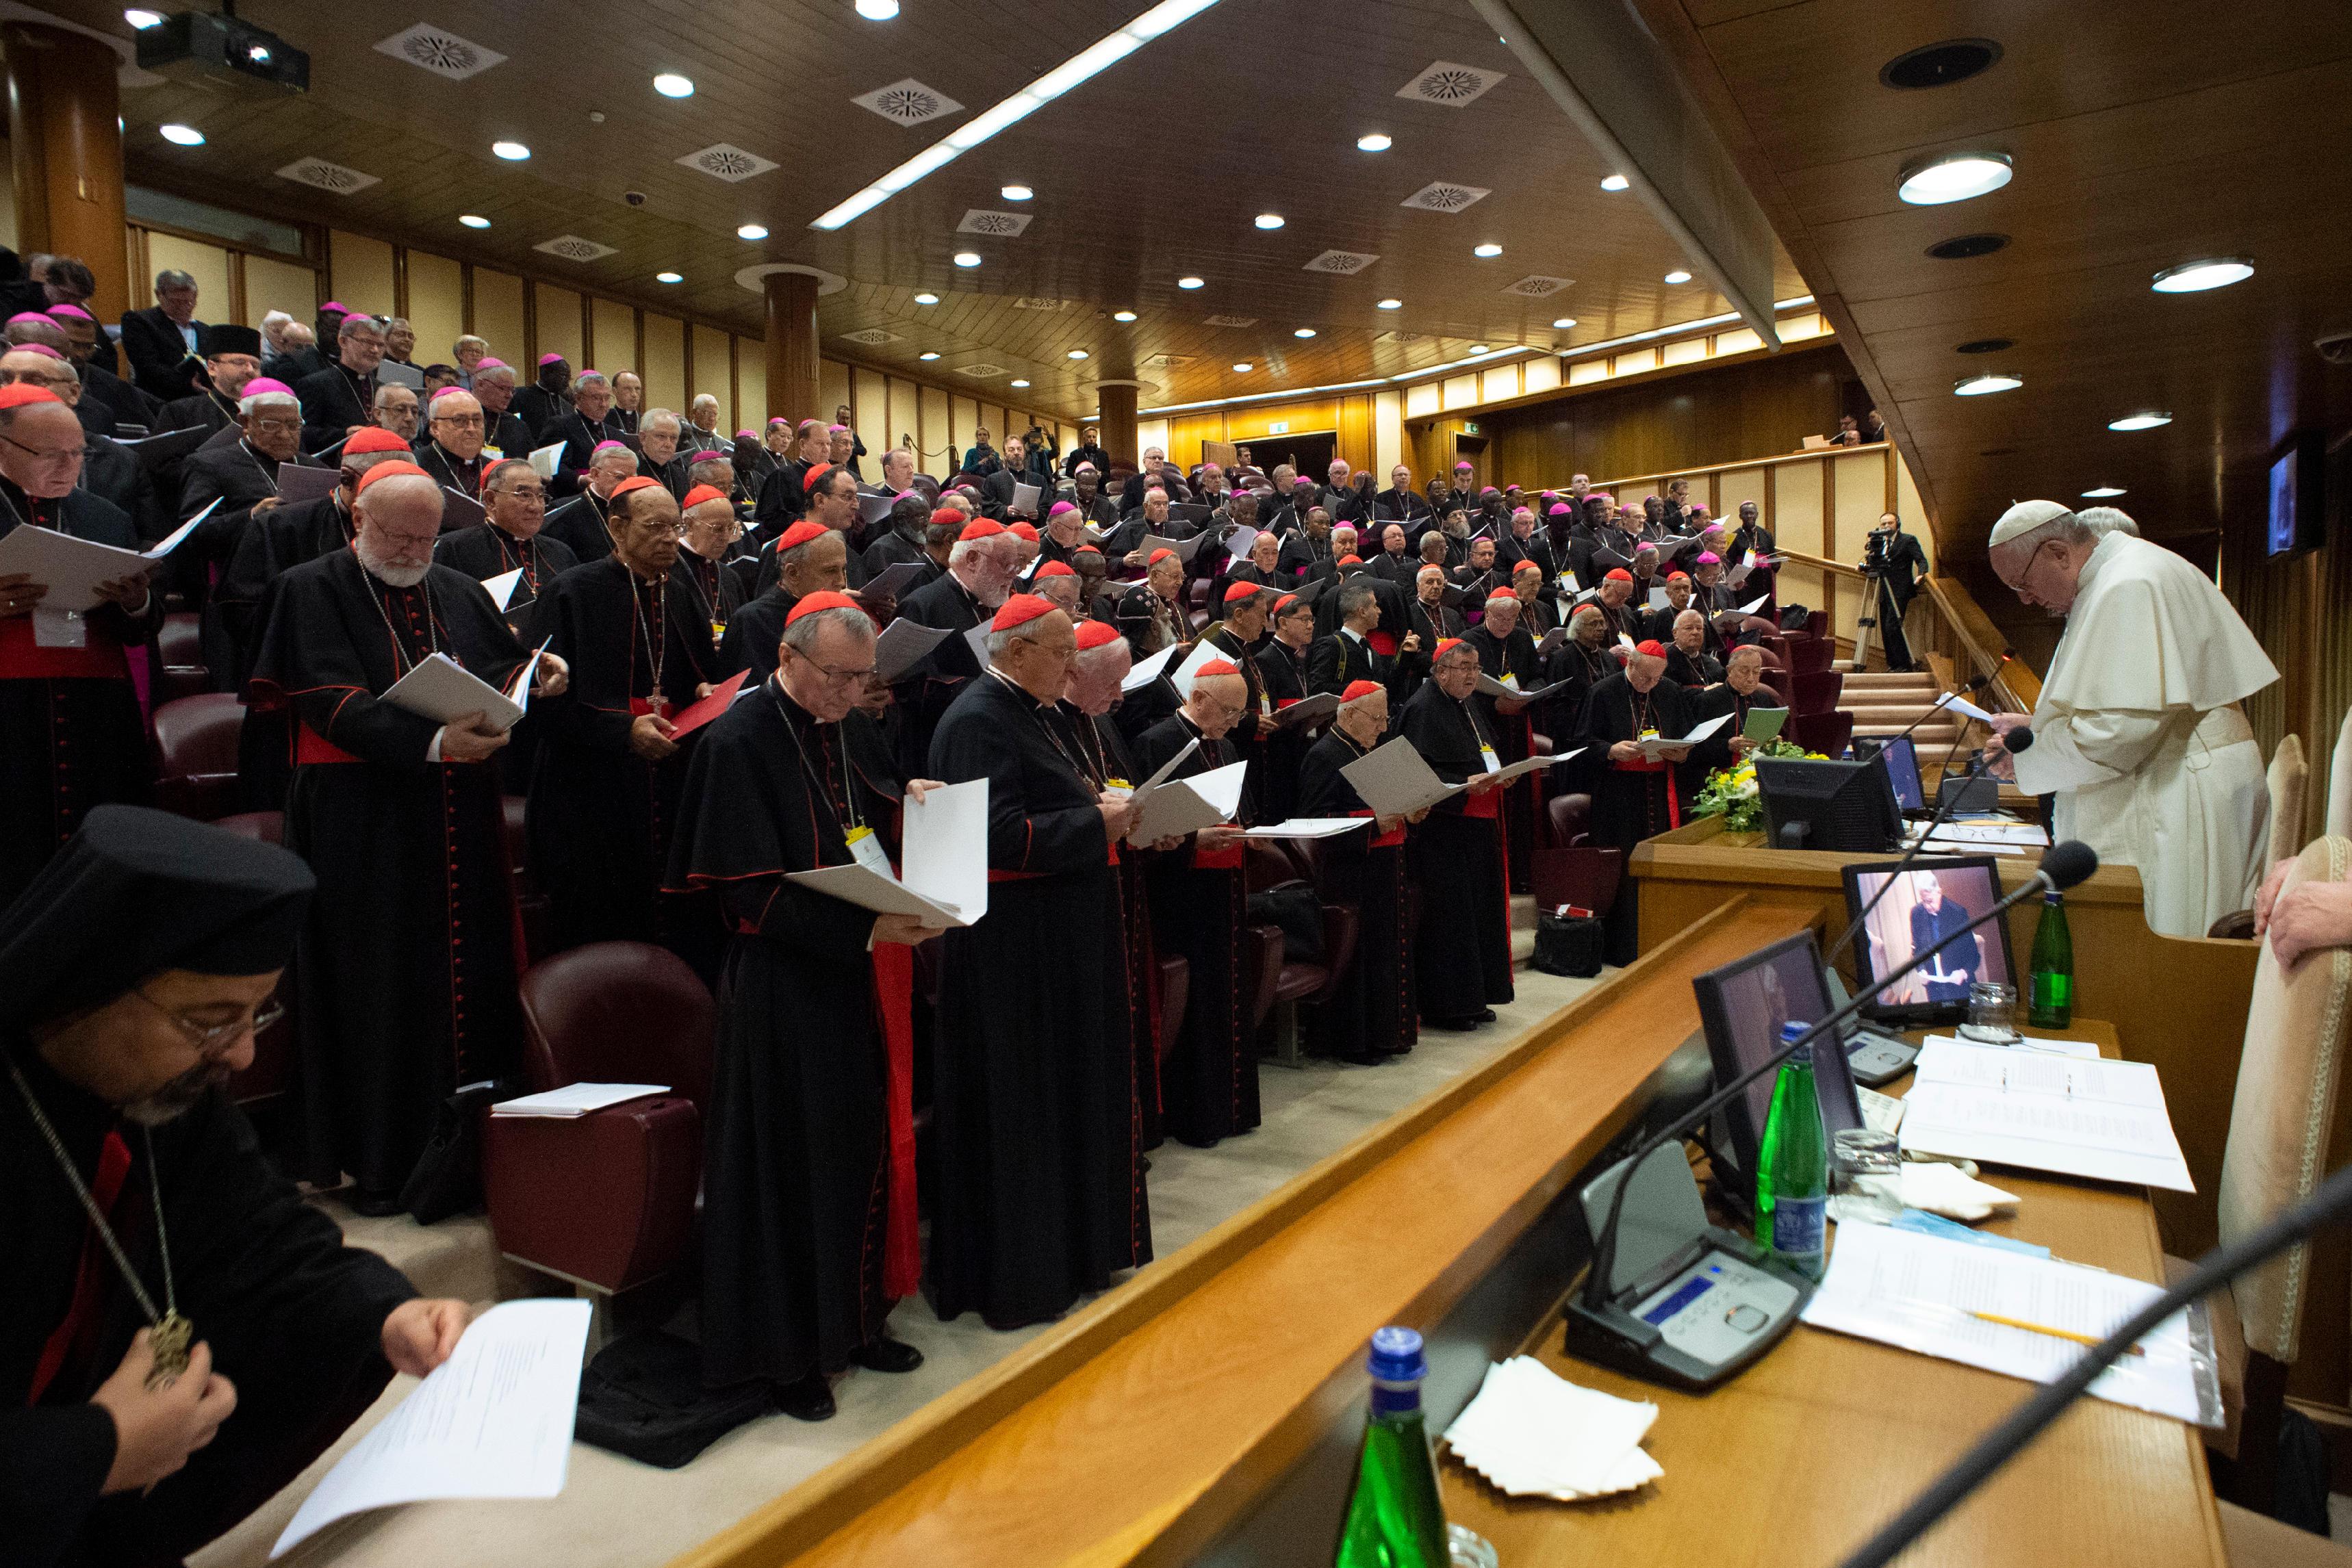 El Encuentro sobre protección de menores ha reunido a representantes de todos los países © Vatican Media